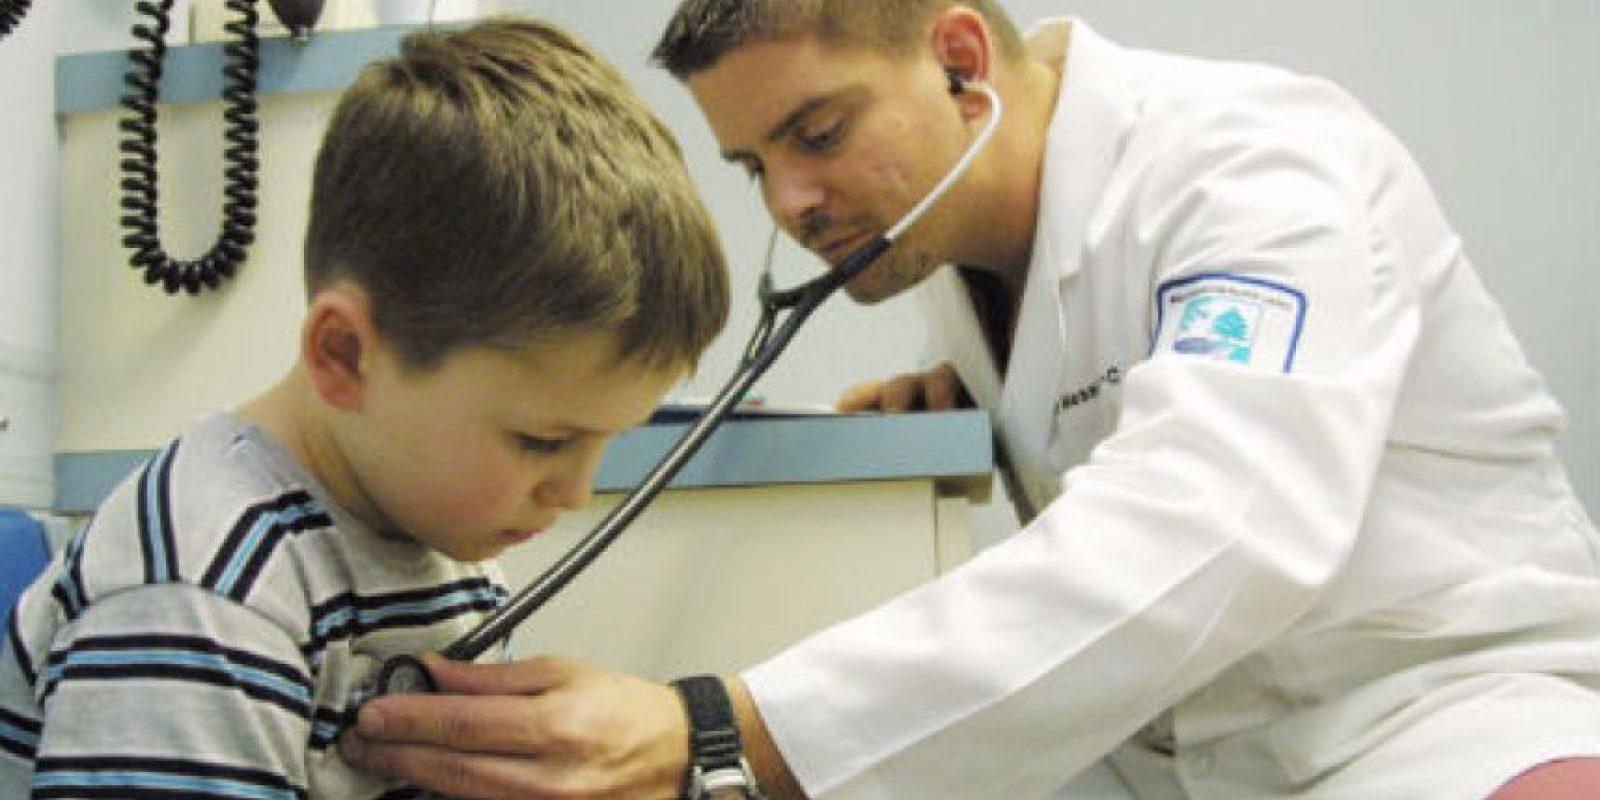 Sin embargo, en Estados Unidos, donde nació Tristan Jacobson, se requiere más de un año para un procedimiento de este tipo, según información de AdoptUSkids. Foto:Getty Images